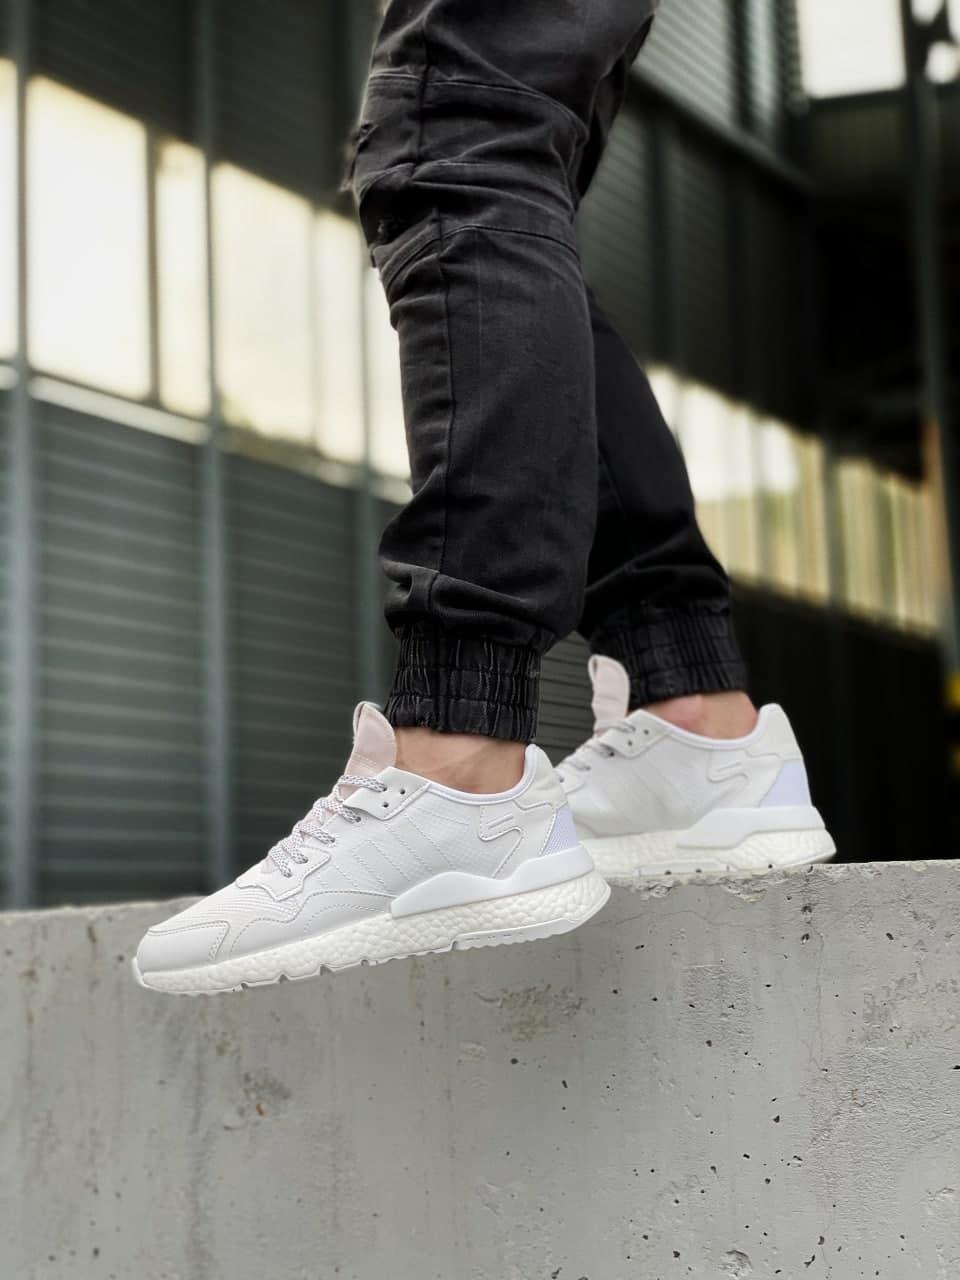 Чоловічі кросівки Adidas Nite Jogger (білі) J3305 легкі зручні стильні кроси